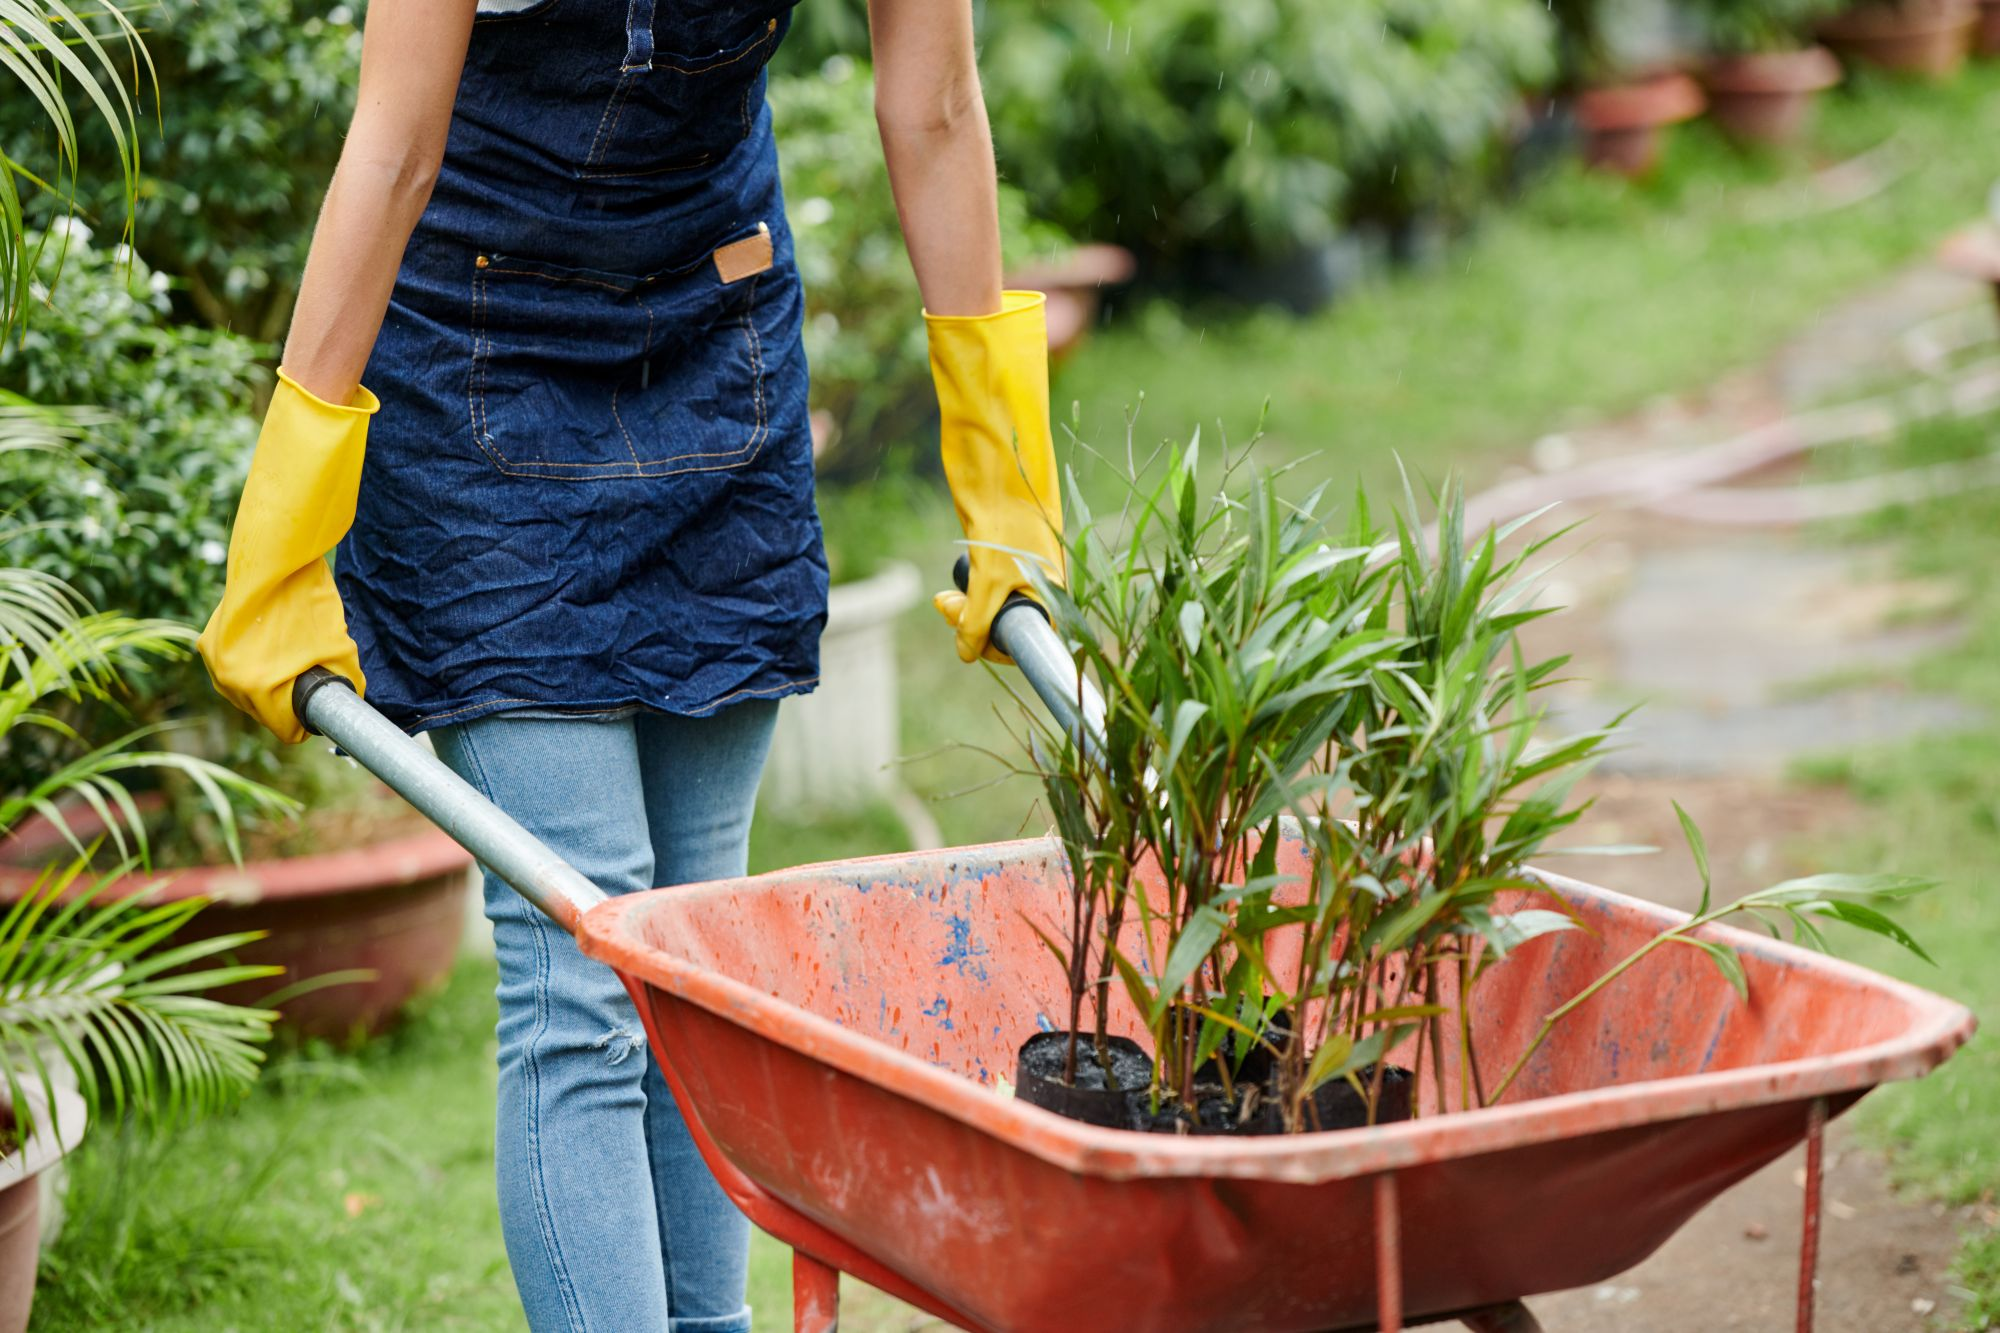 female-gardener-pushing-wheelbaroow-8ATRQGX